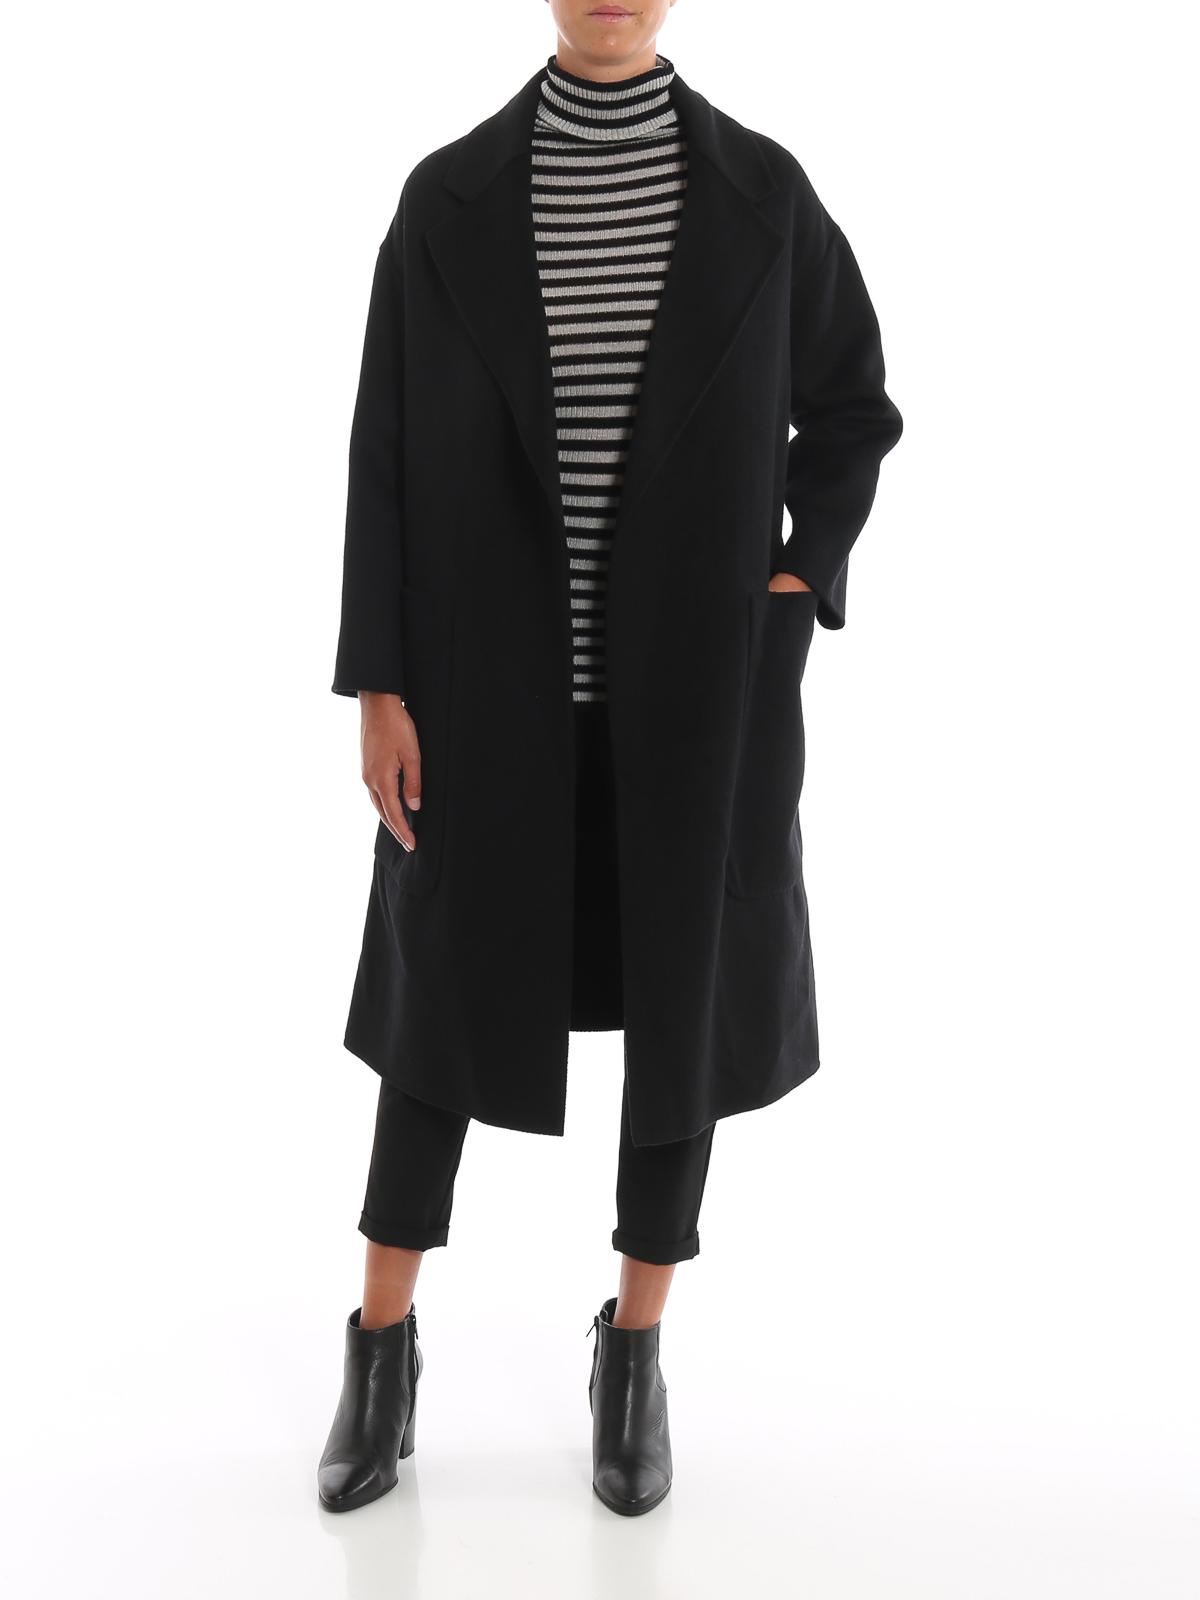 innovative design 5045c 14328 Twinset - Cappotto a vestaglia in panno di misto lana ...